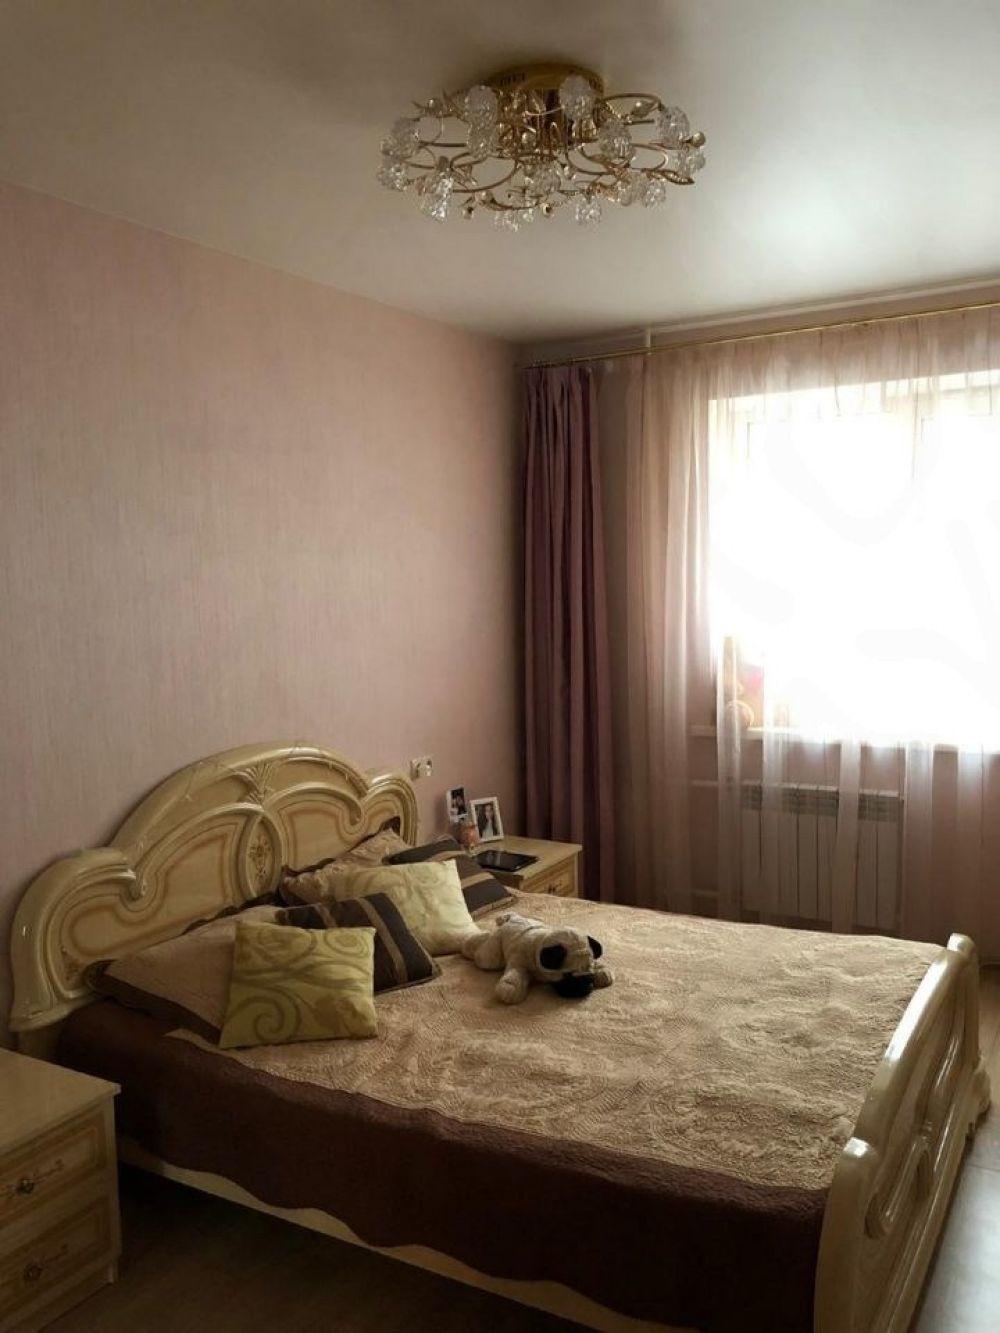 2-к квартира, Щёлково, Богородский 15, фото 9